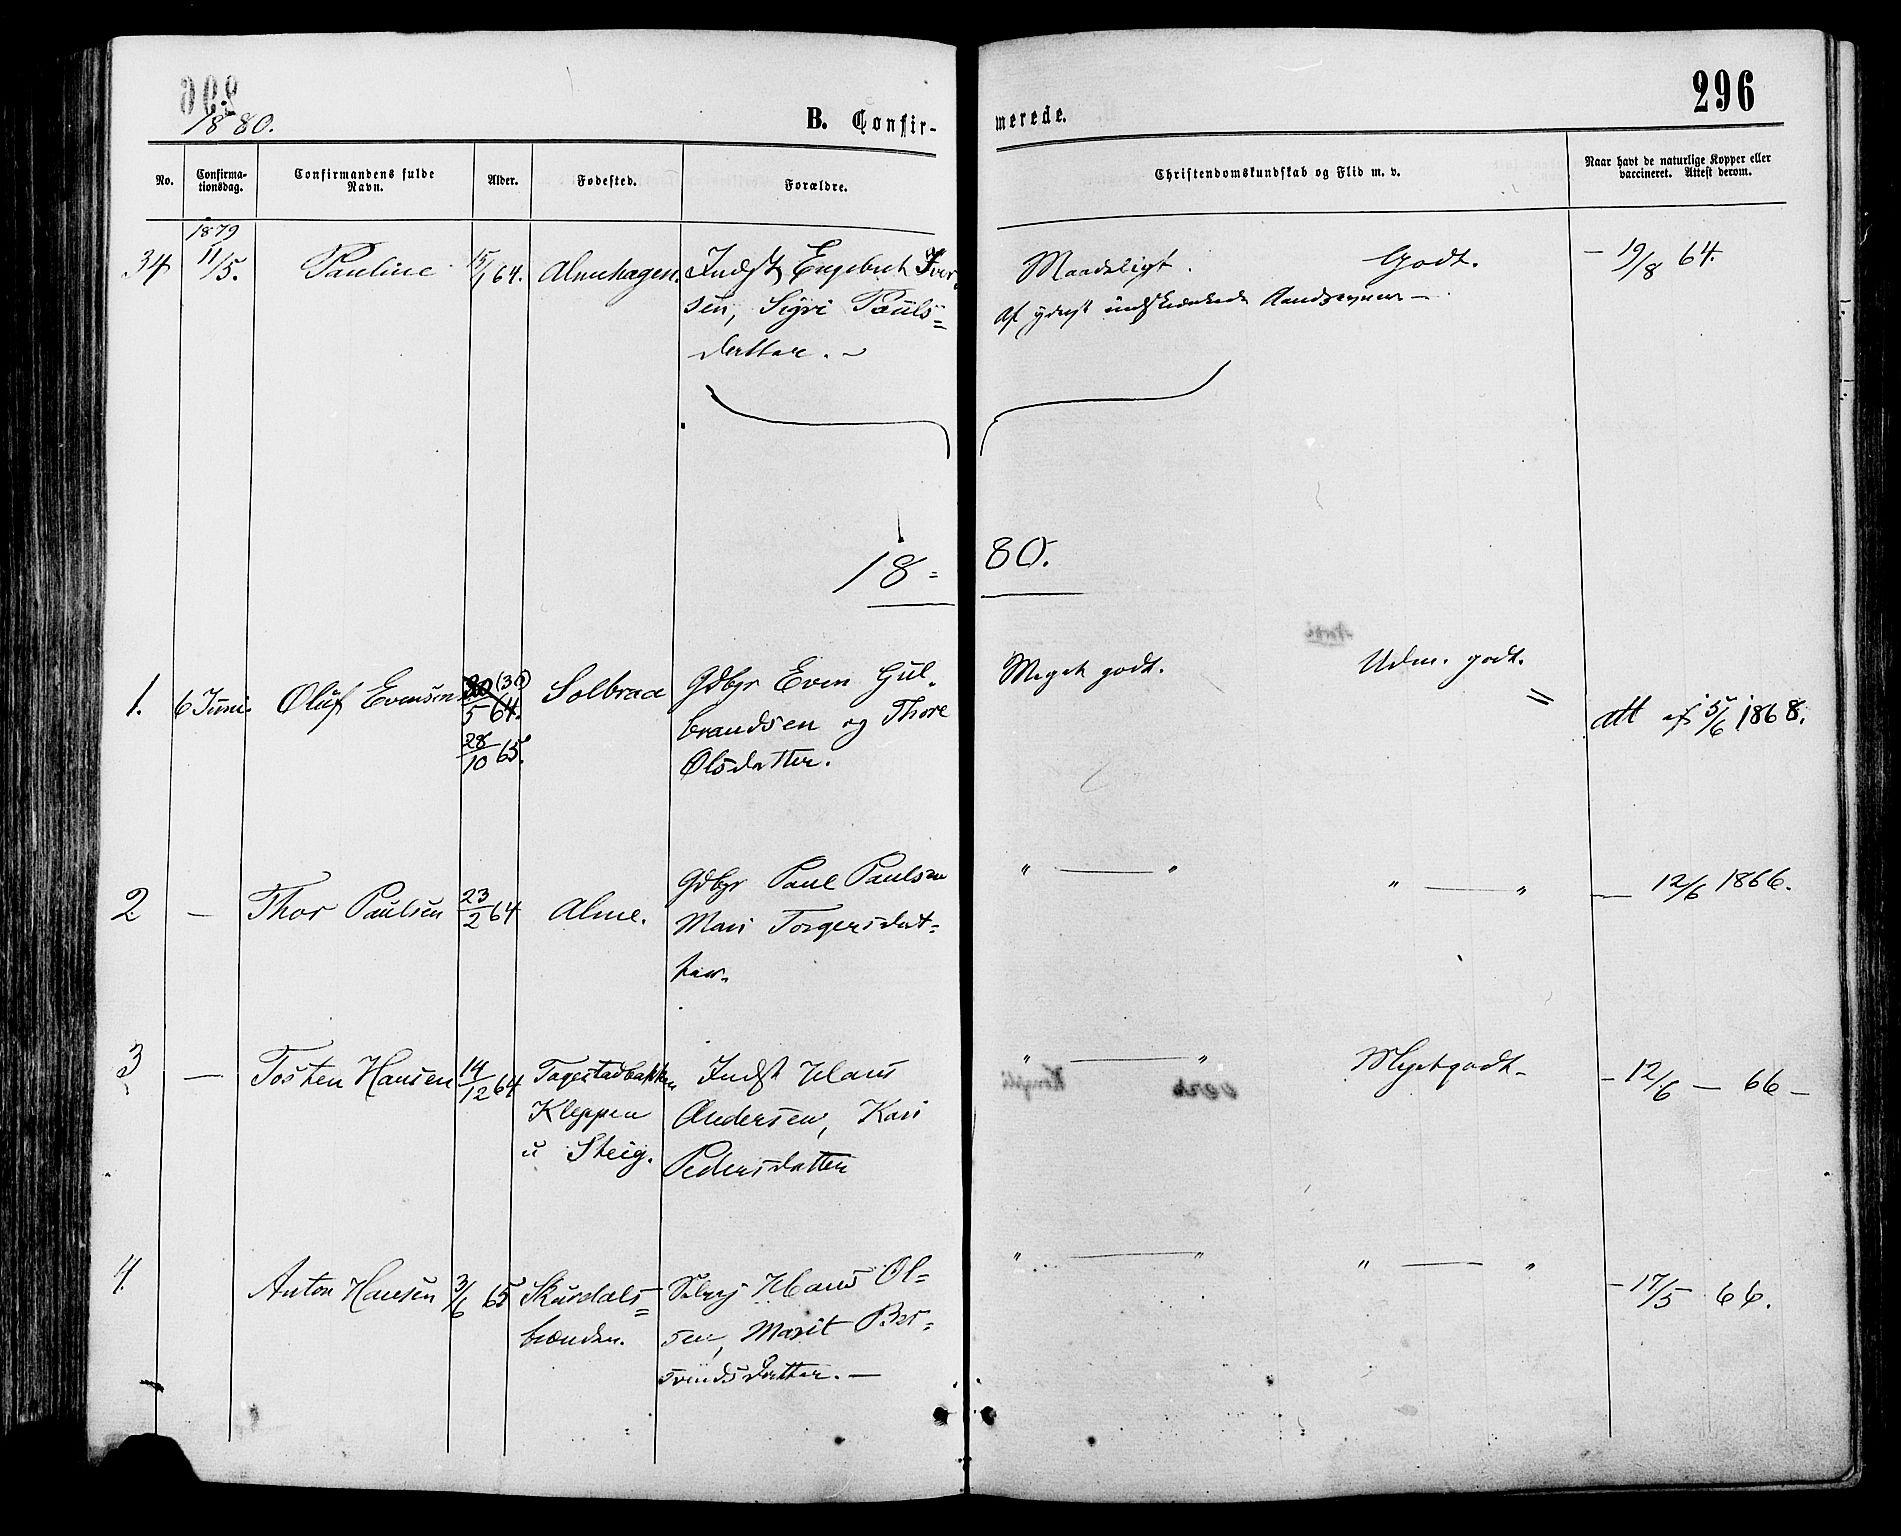 SAH, Sør-Fron prestekontor, H/Ha/Haa/L0002: Ministerialbok nr. 2, 1864-1880, s. 296